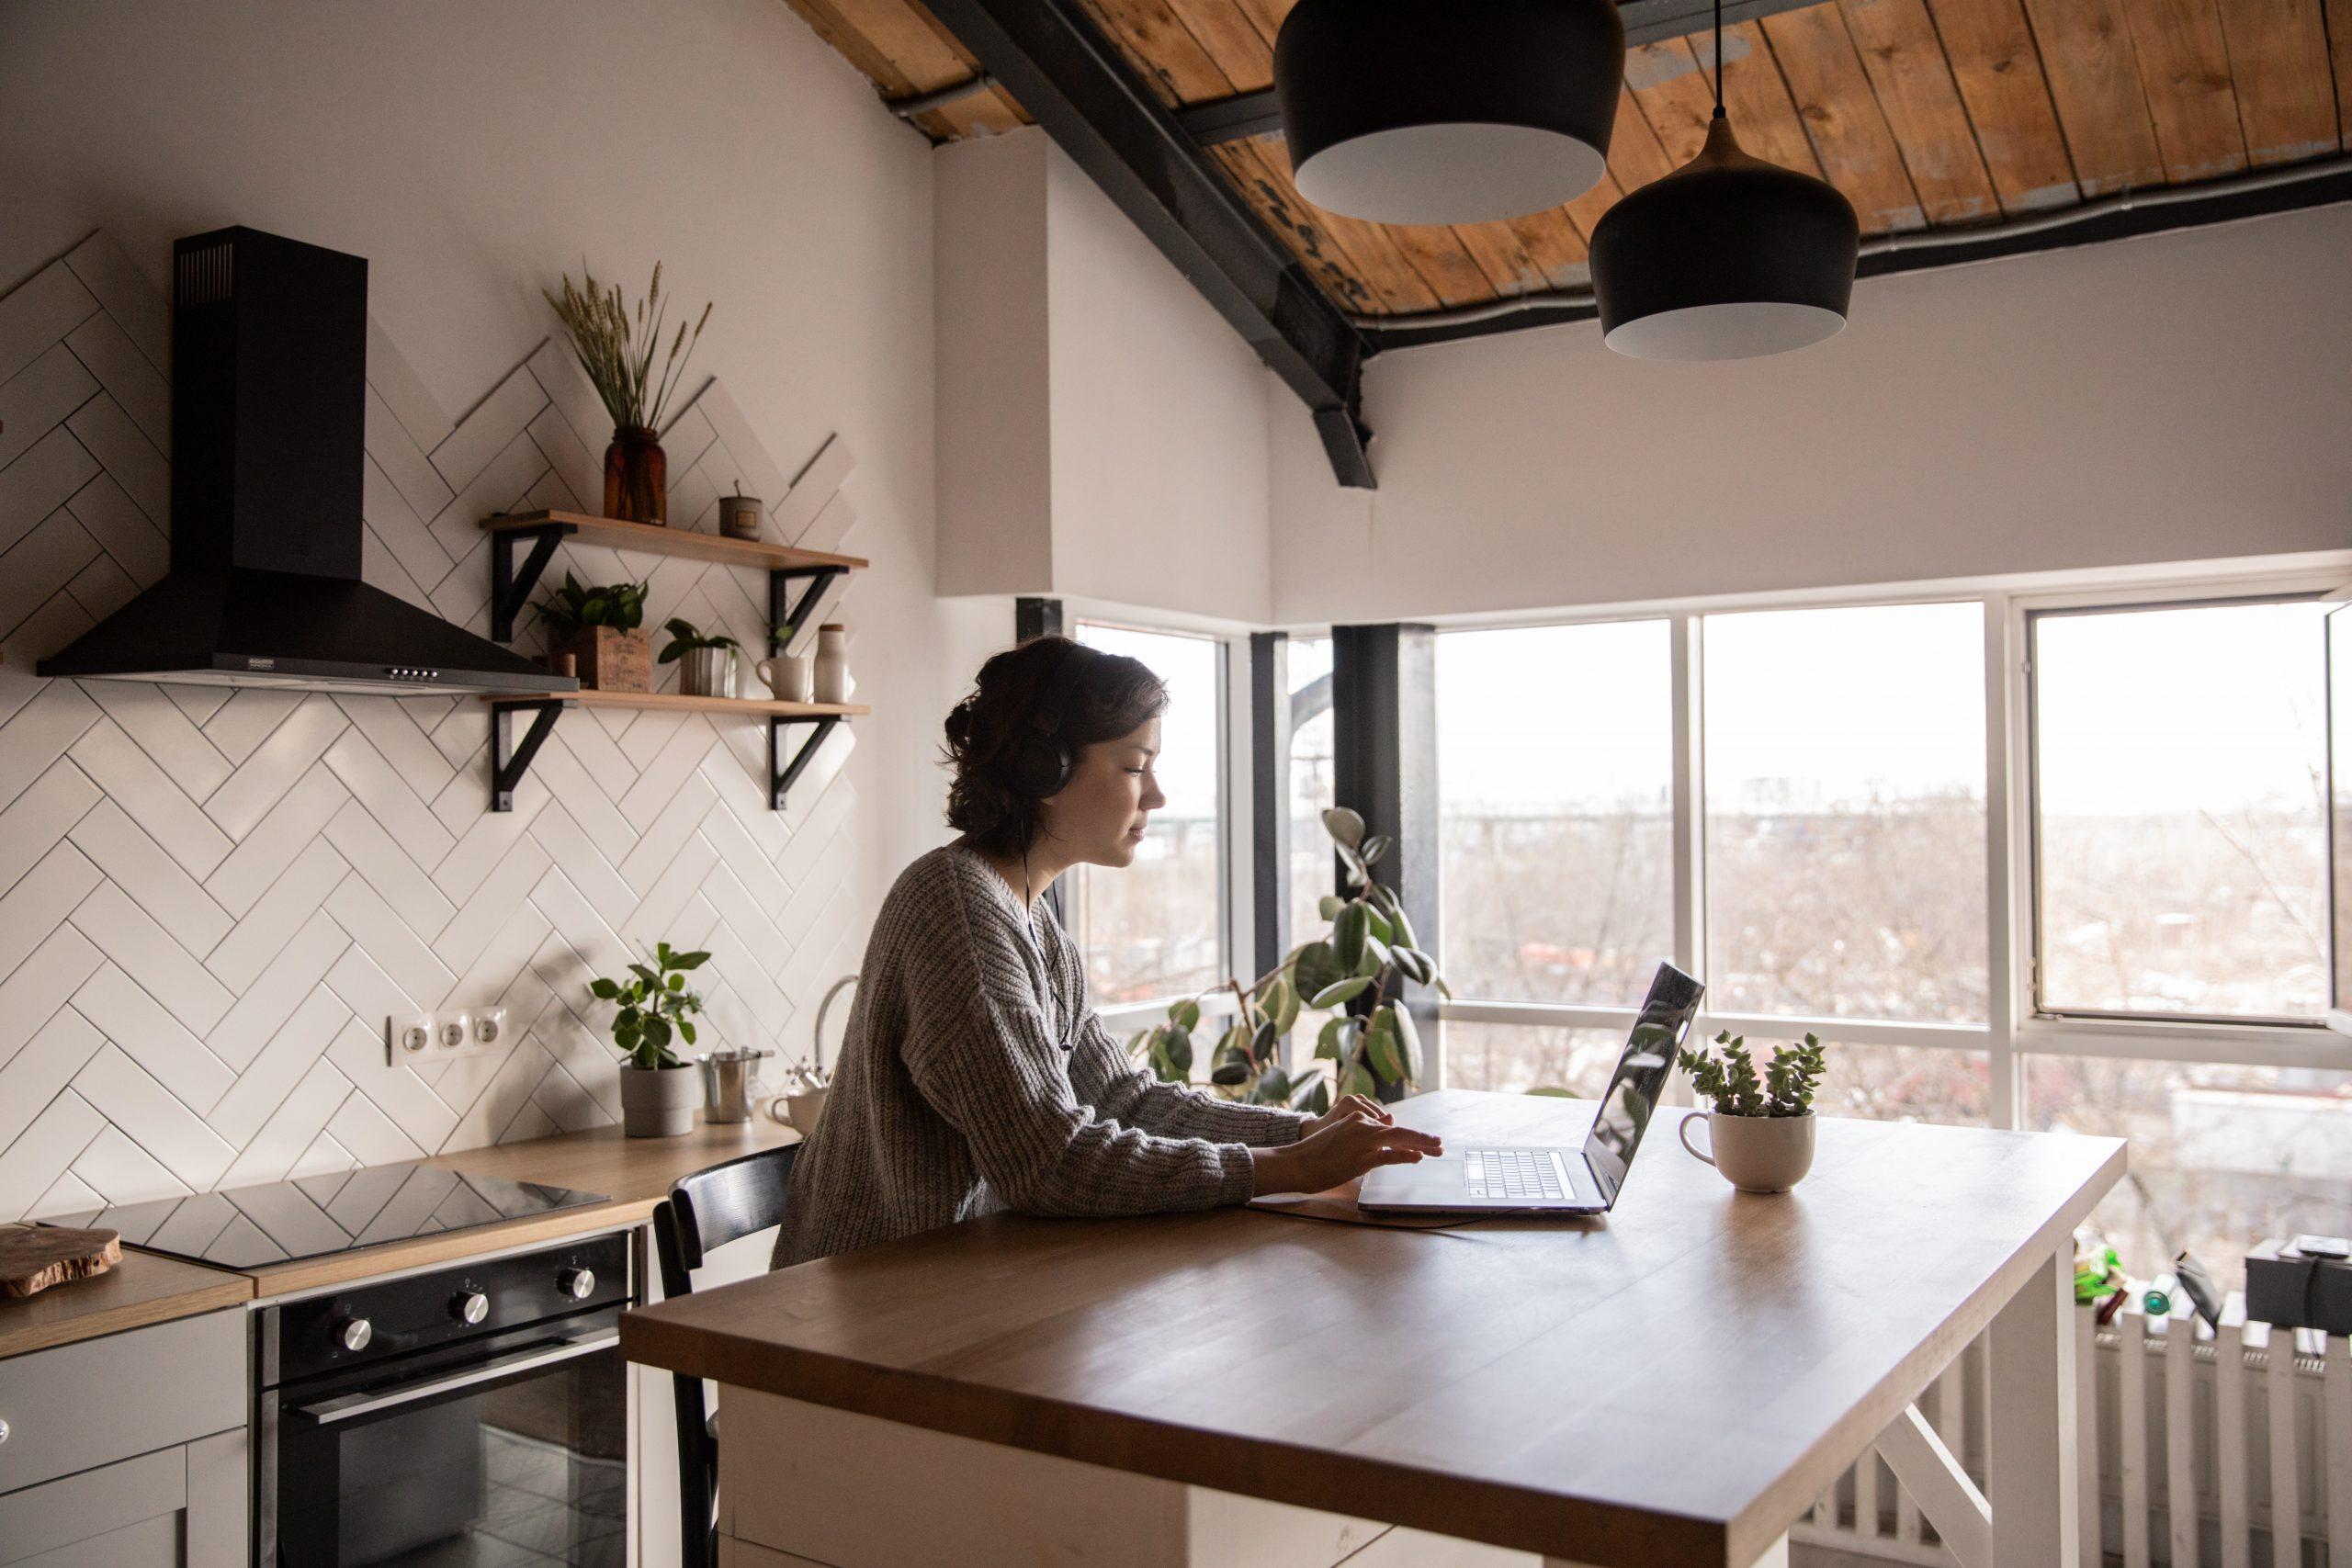 ¿Cuánta supervisión es tolerable cuando se trabaja desde casa?